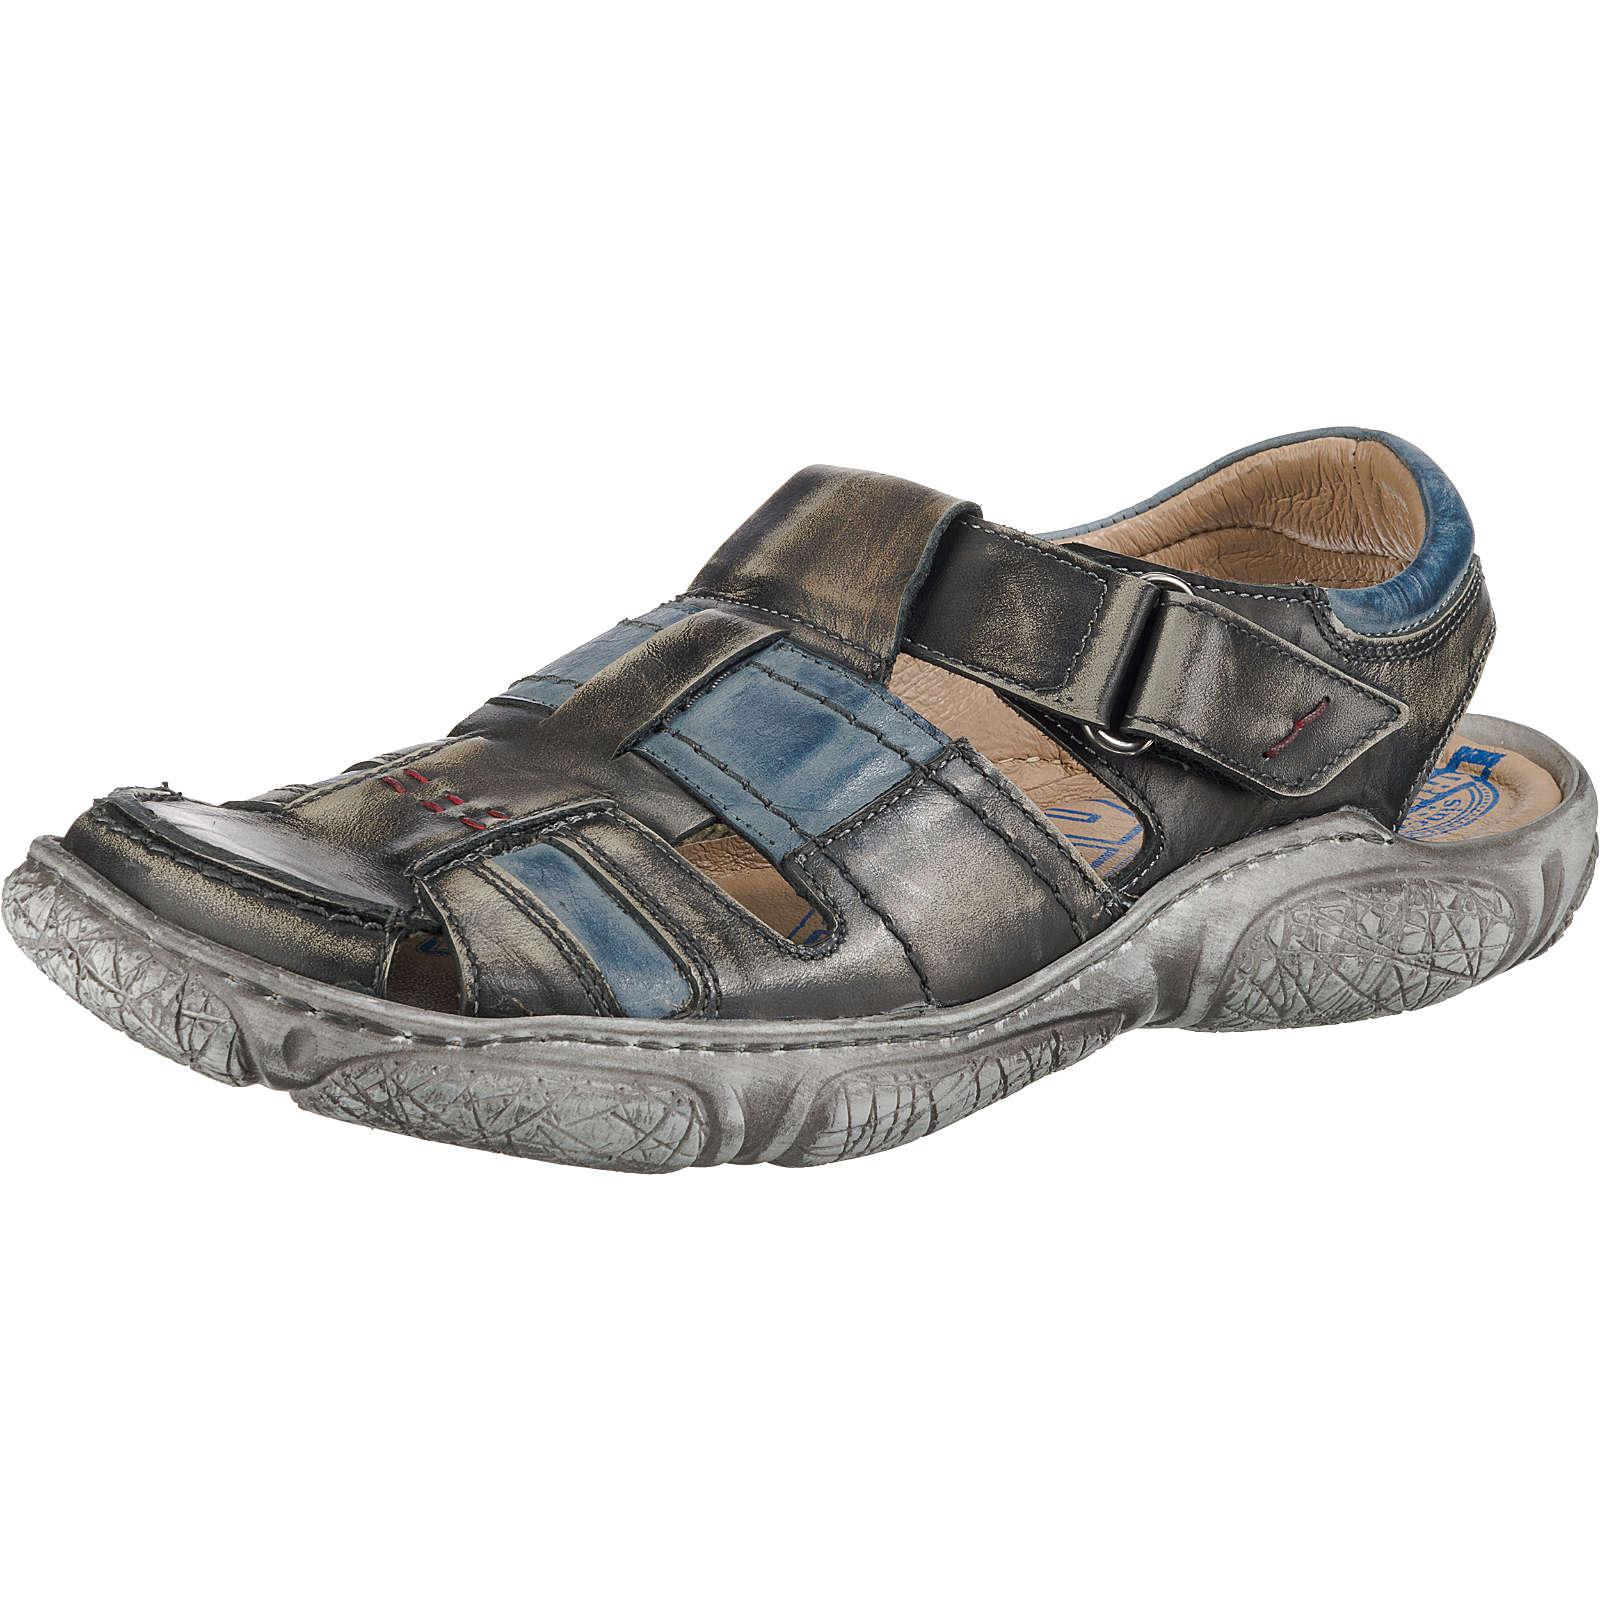 Krisbut Klassische Sandalen grau-kombi Herren Gr. 43